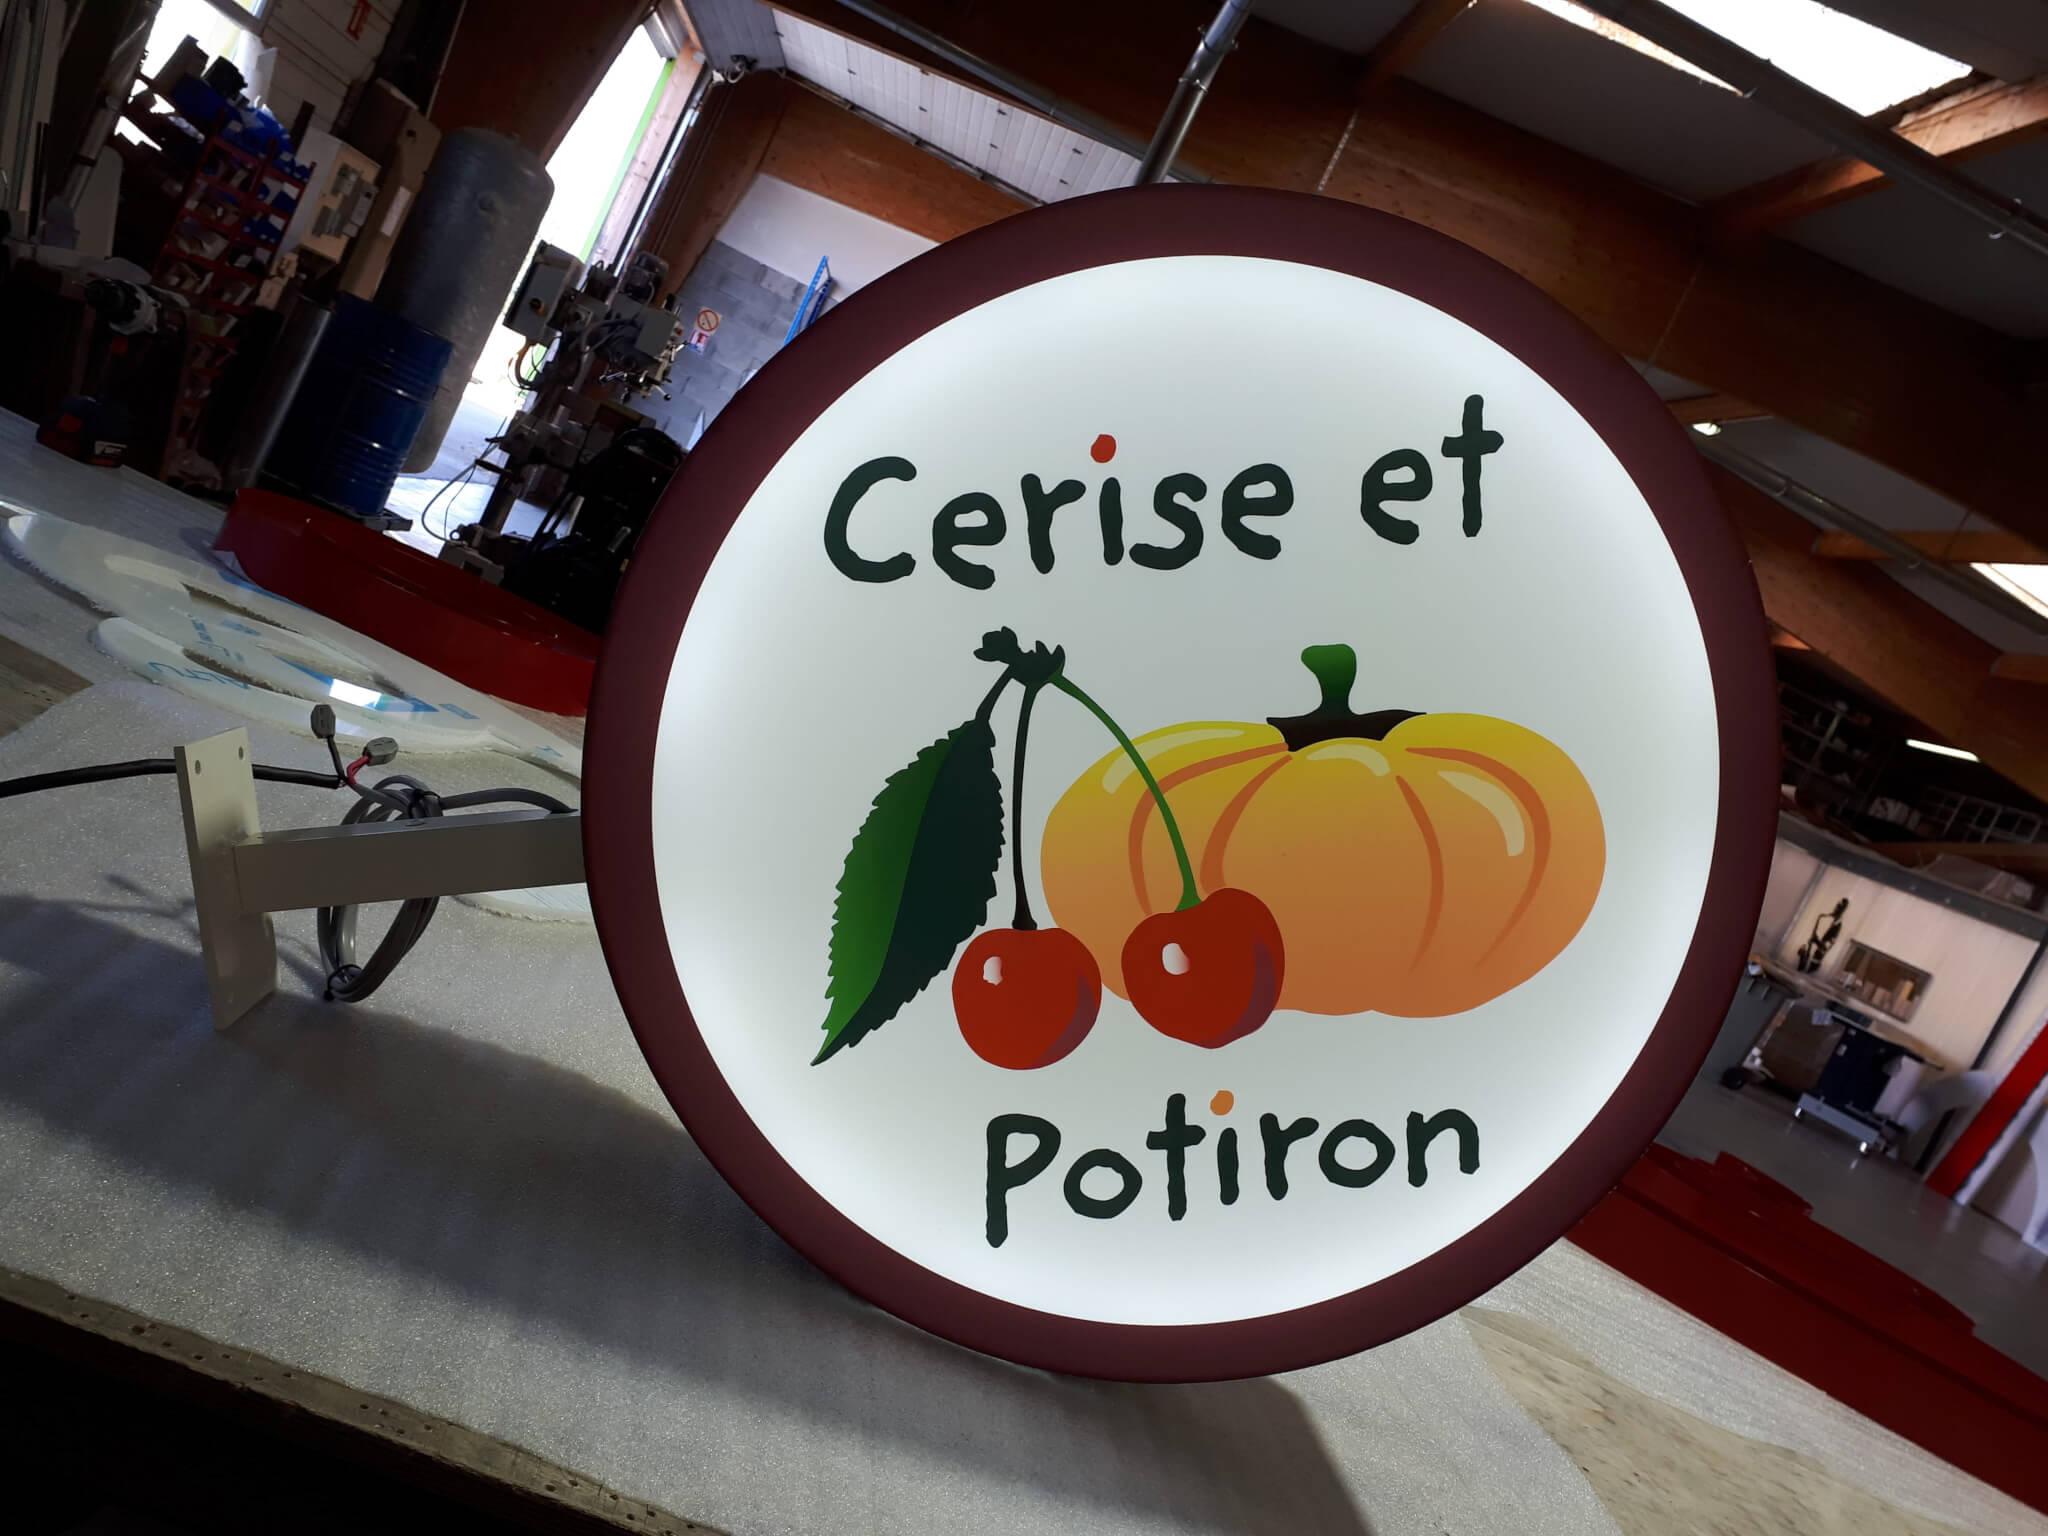 Enseigne à Lyon- Lettres boitier - Habillage façade- Drapeau lumineux - Neuville sur Saône